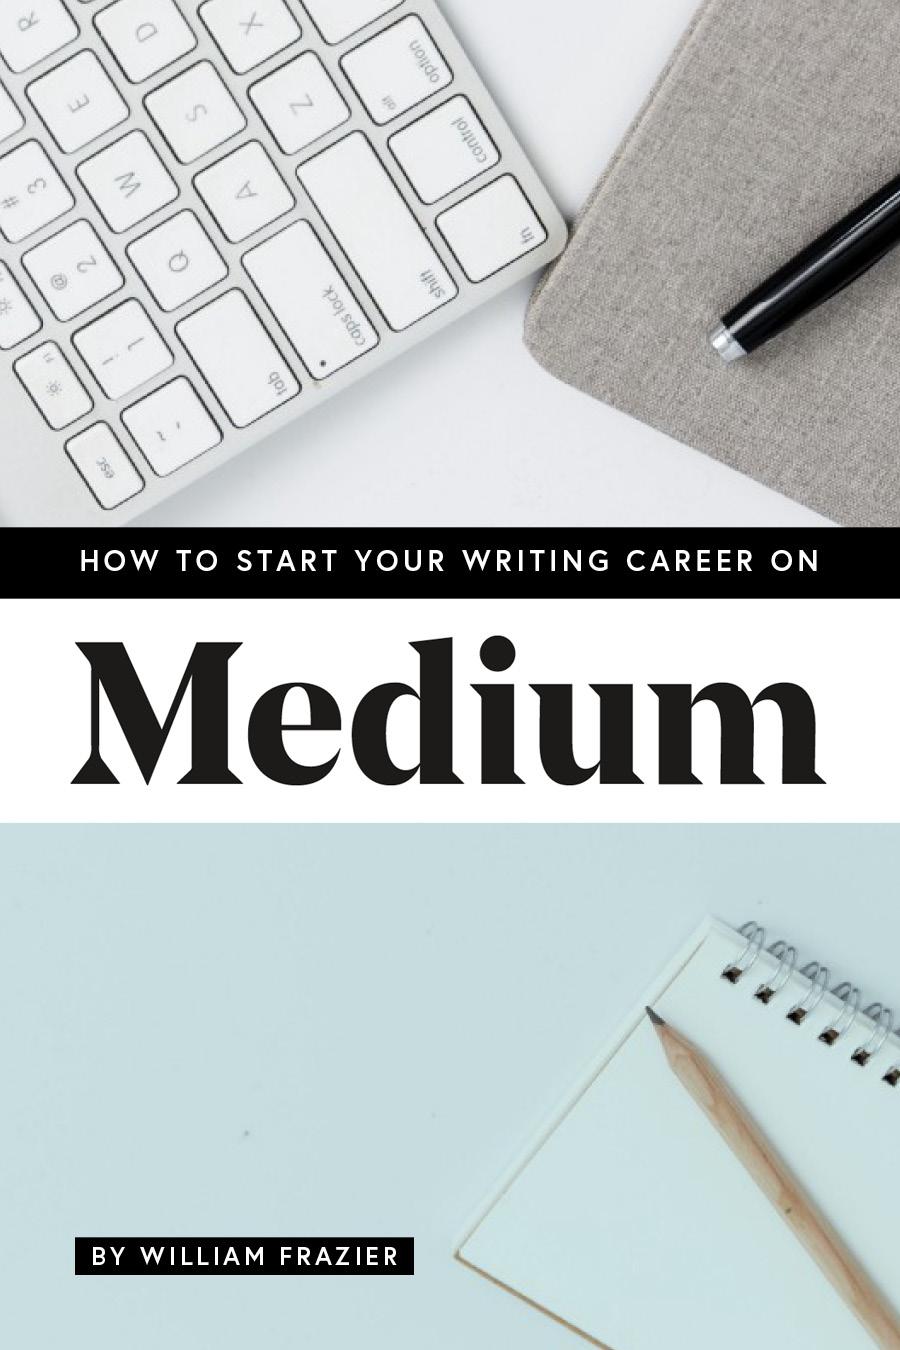 How to Start Writing on Medium v1.jpg